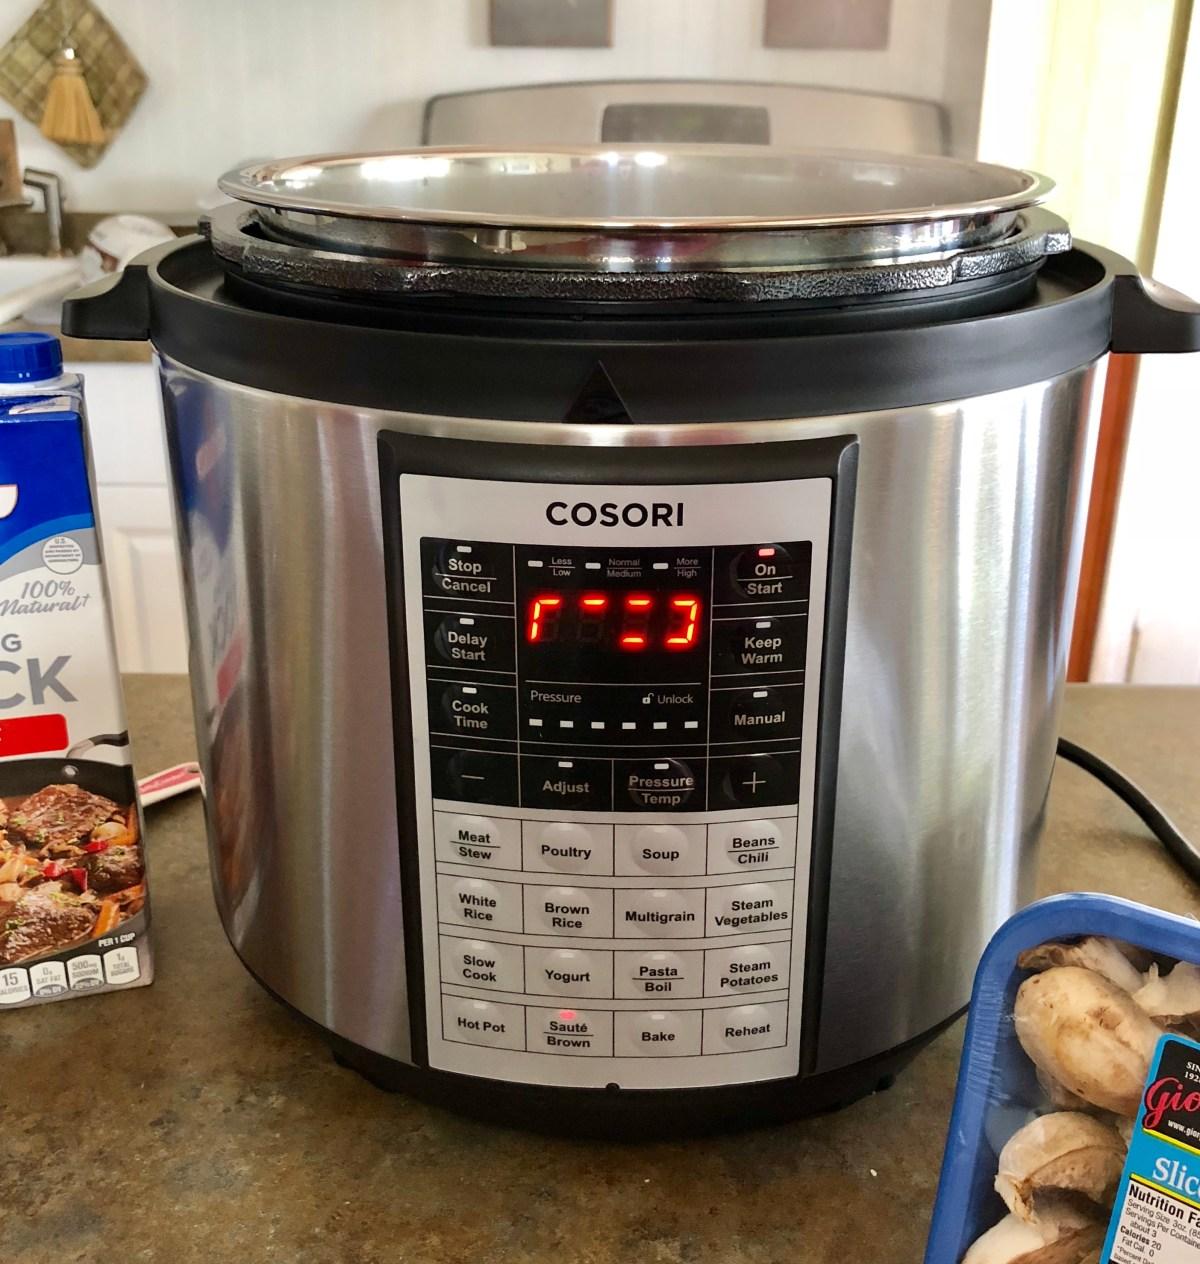 Pressure Cooker Beef Tips by Happylifeblogspot.com #pressurecookerrecipes #instantpotrecipes #dinnerrecipes #beefrecipes #beeftips